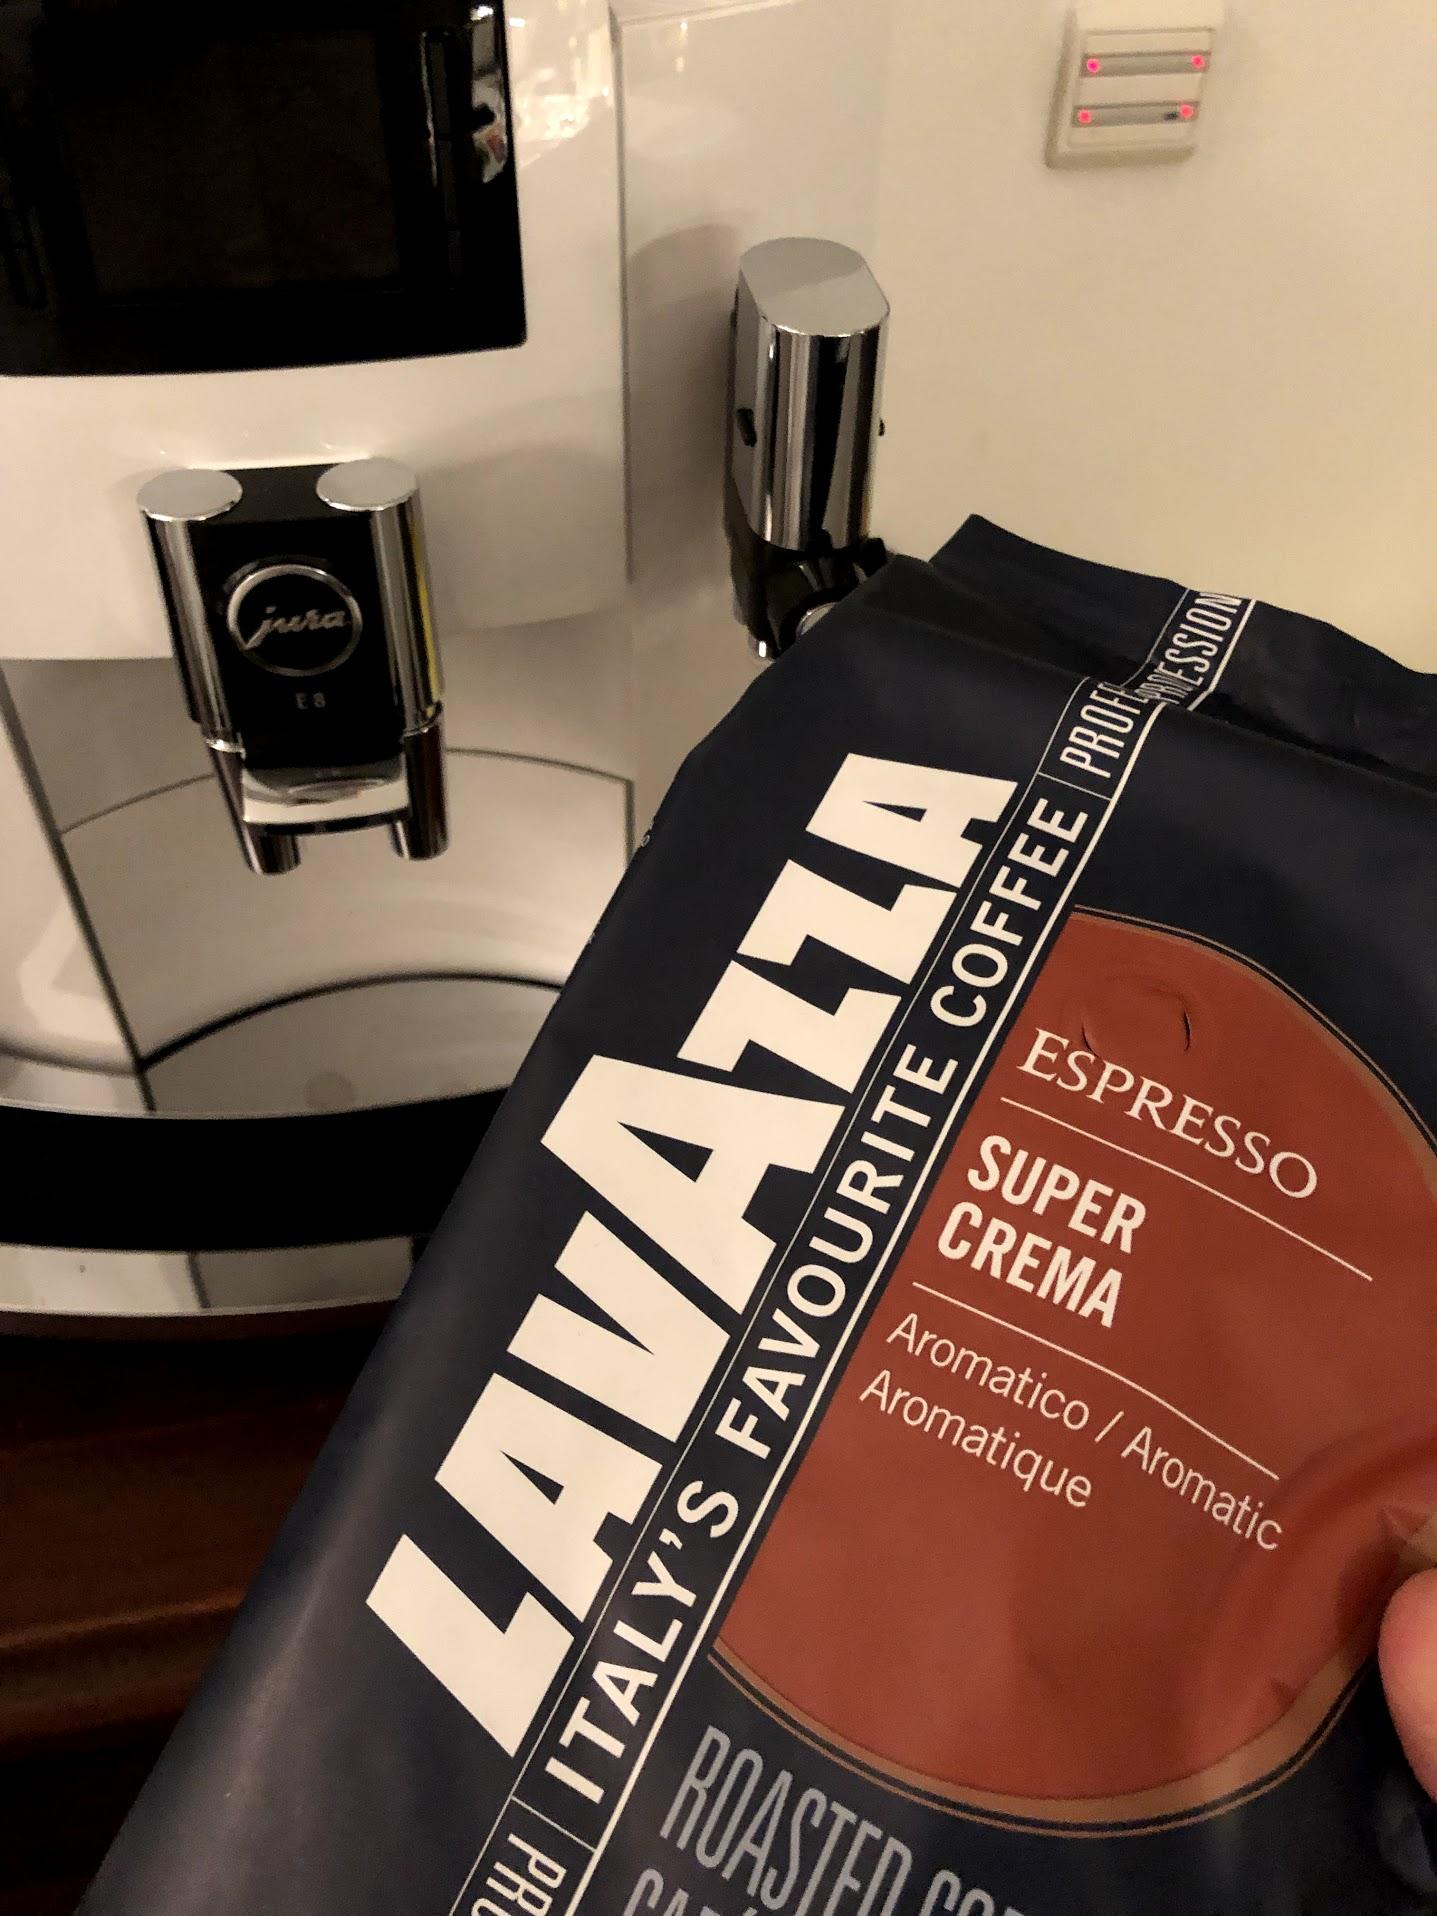 test af jura e8 automatisk espressomaskine anmeldelse Jura E80 fuldautomatisk kaffemaskine god crema er den god erfaring